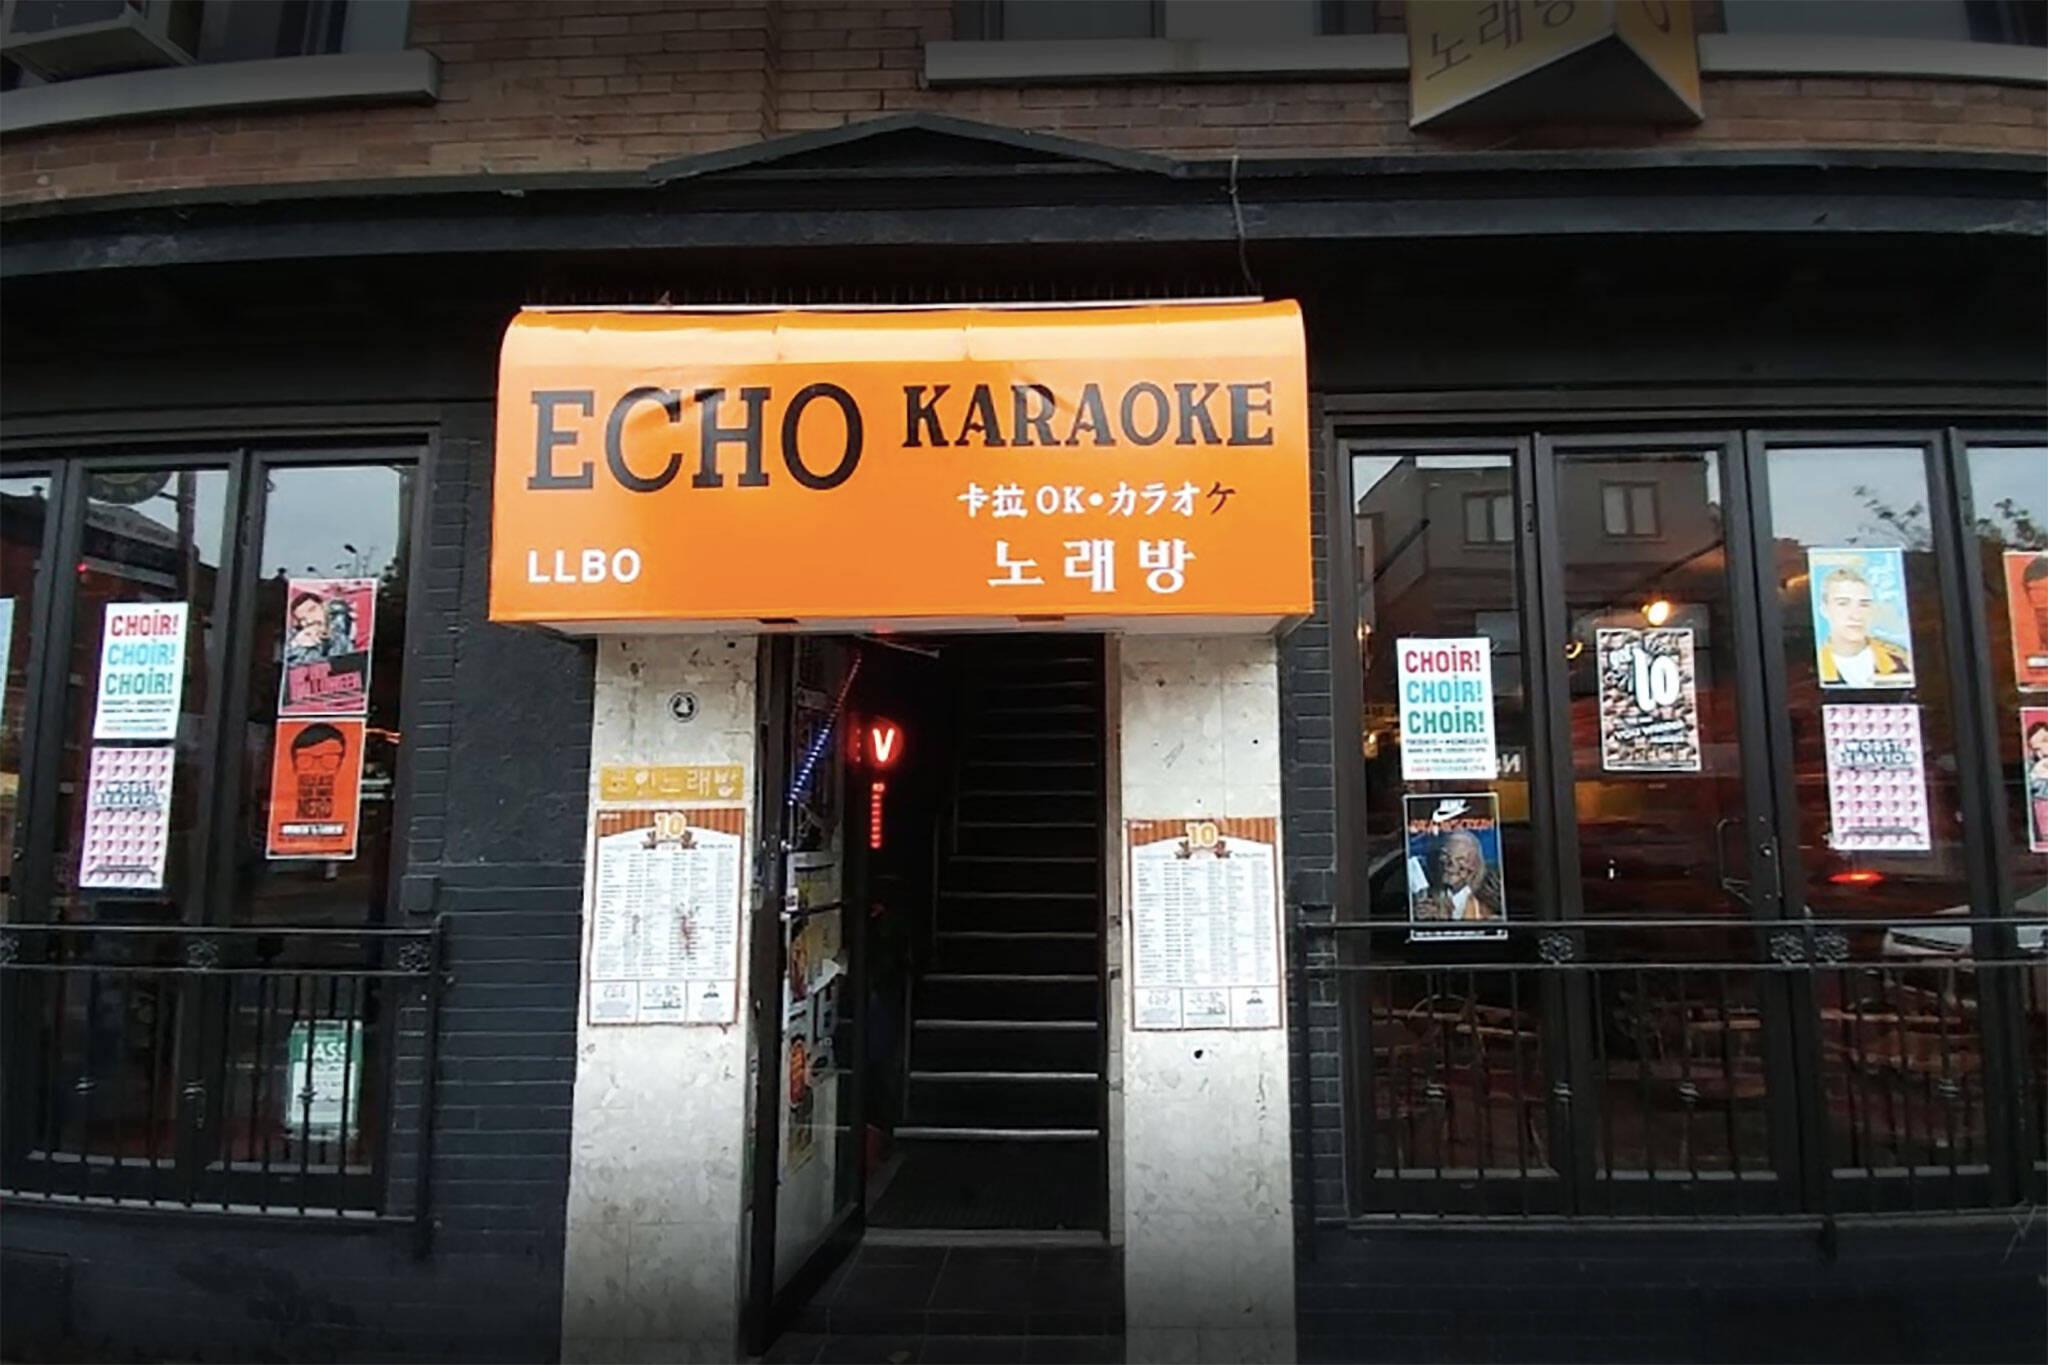 Echo karaoke toronto